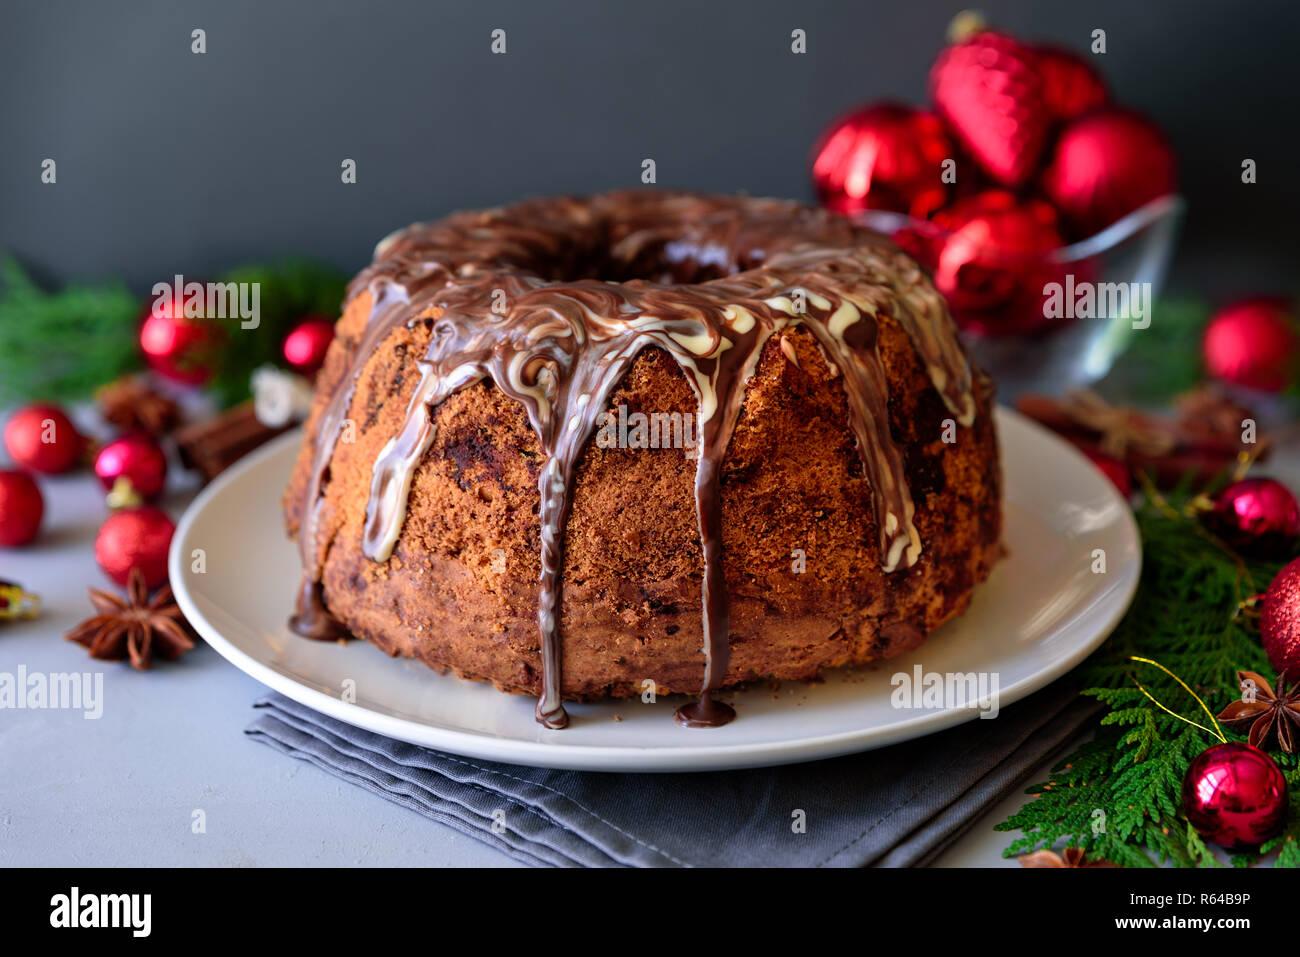 Weihnachten Kuchen mit Schokoladenglasur auf grau Holz- Hintergrund. Urlaub Dekorationen Konzept Stockbild